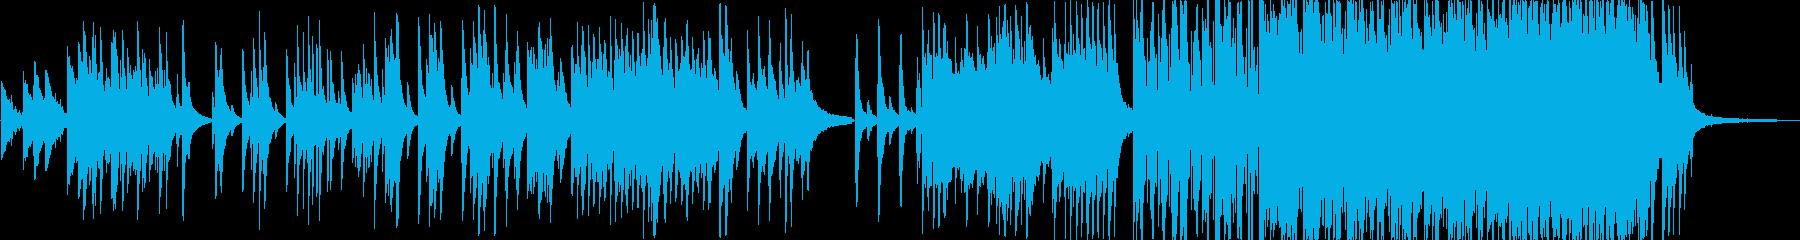 旋律の綺麗なピアノ曲の再生済みの波形